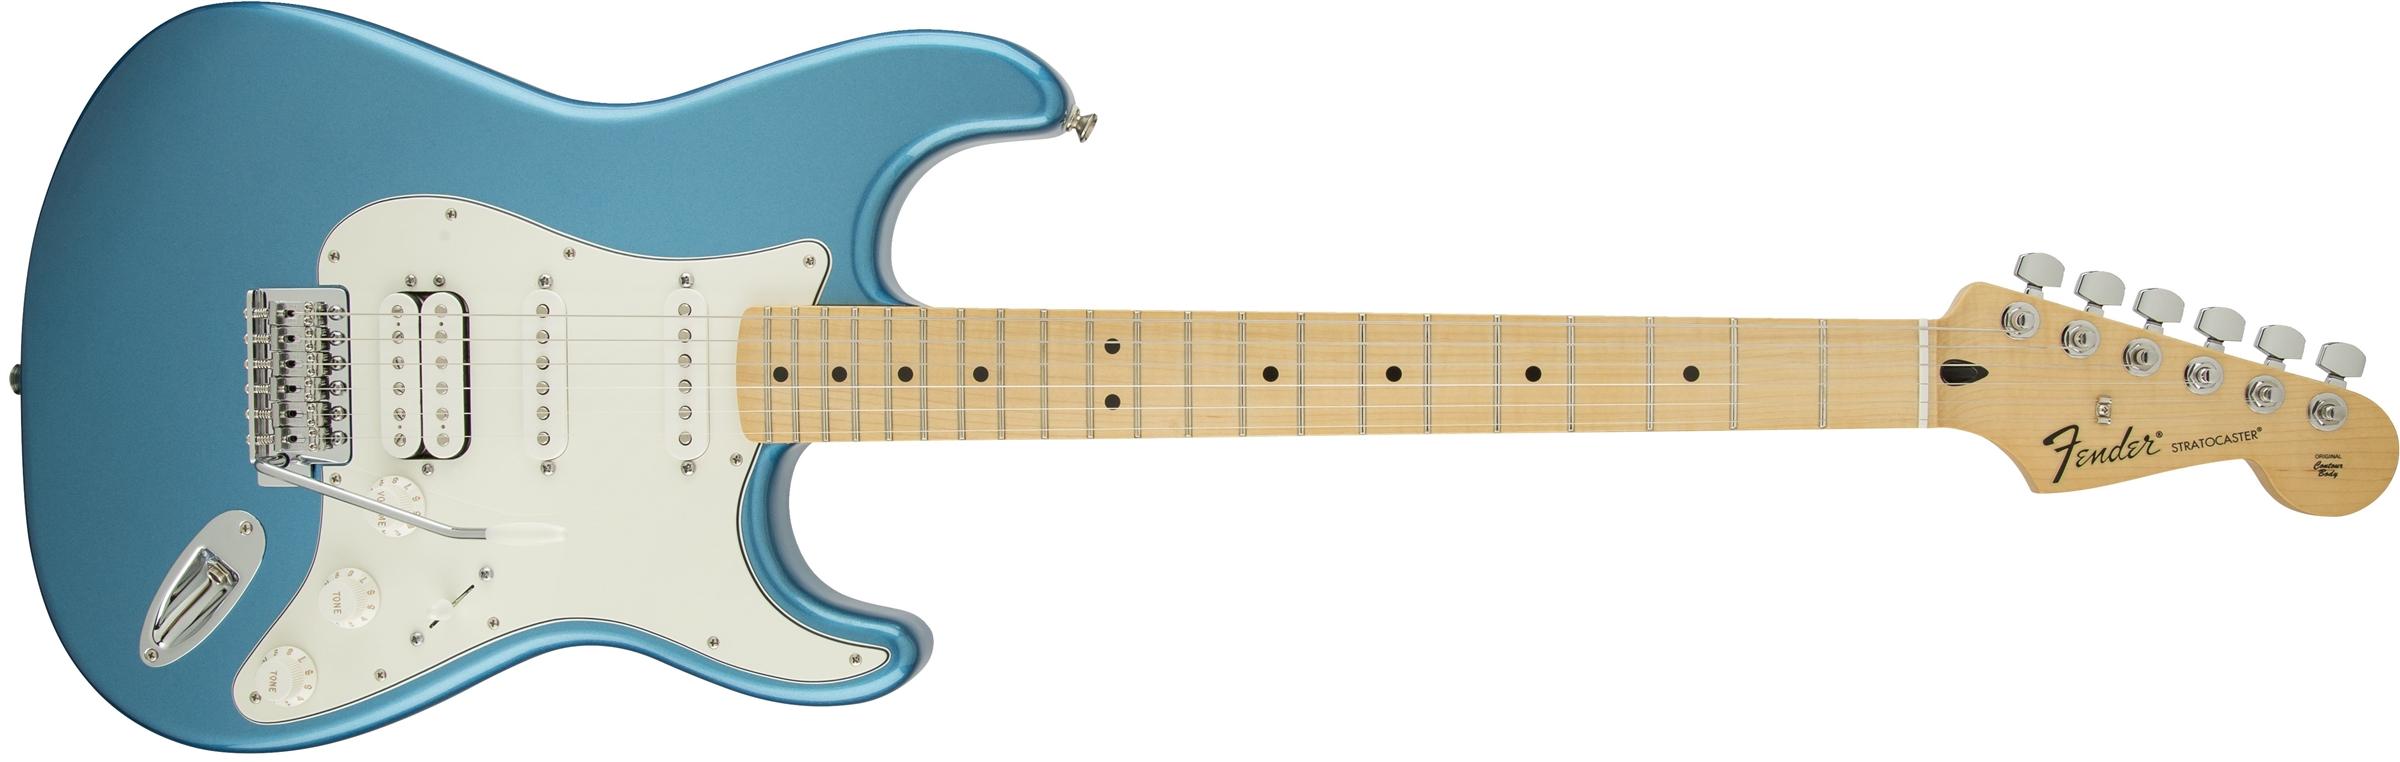 Duesenberg For Sale >> Fender Standard Stratocaster® HSS, Lake Placid Blue ...